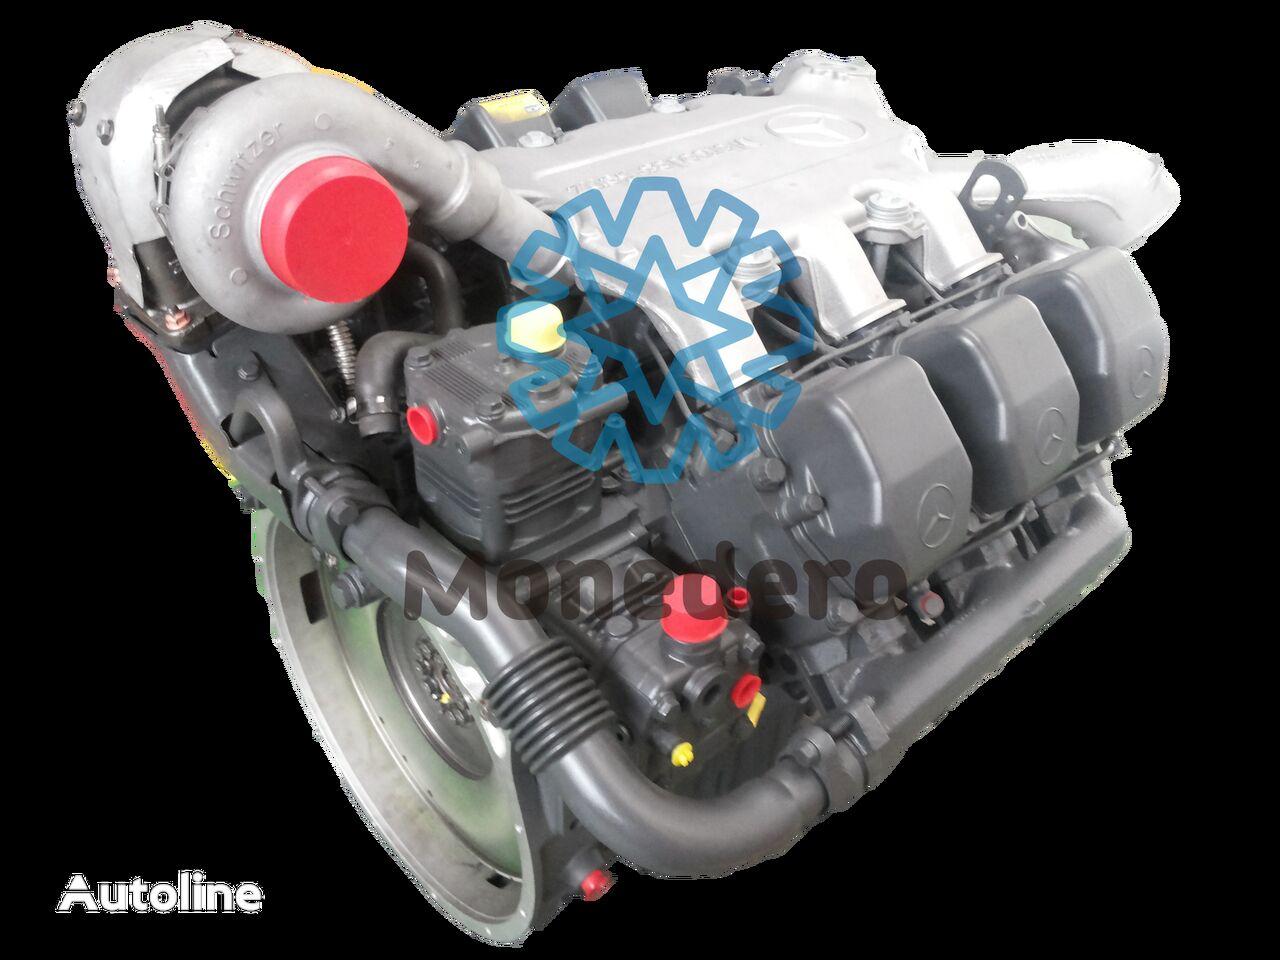 Mercedes Benz OM 501 LA motor voor truck